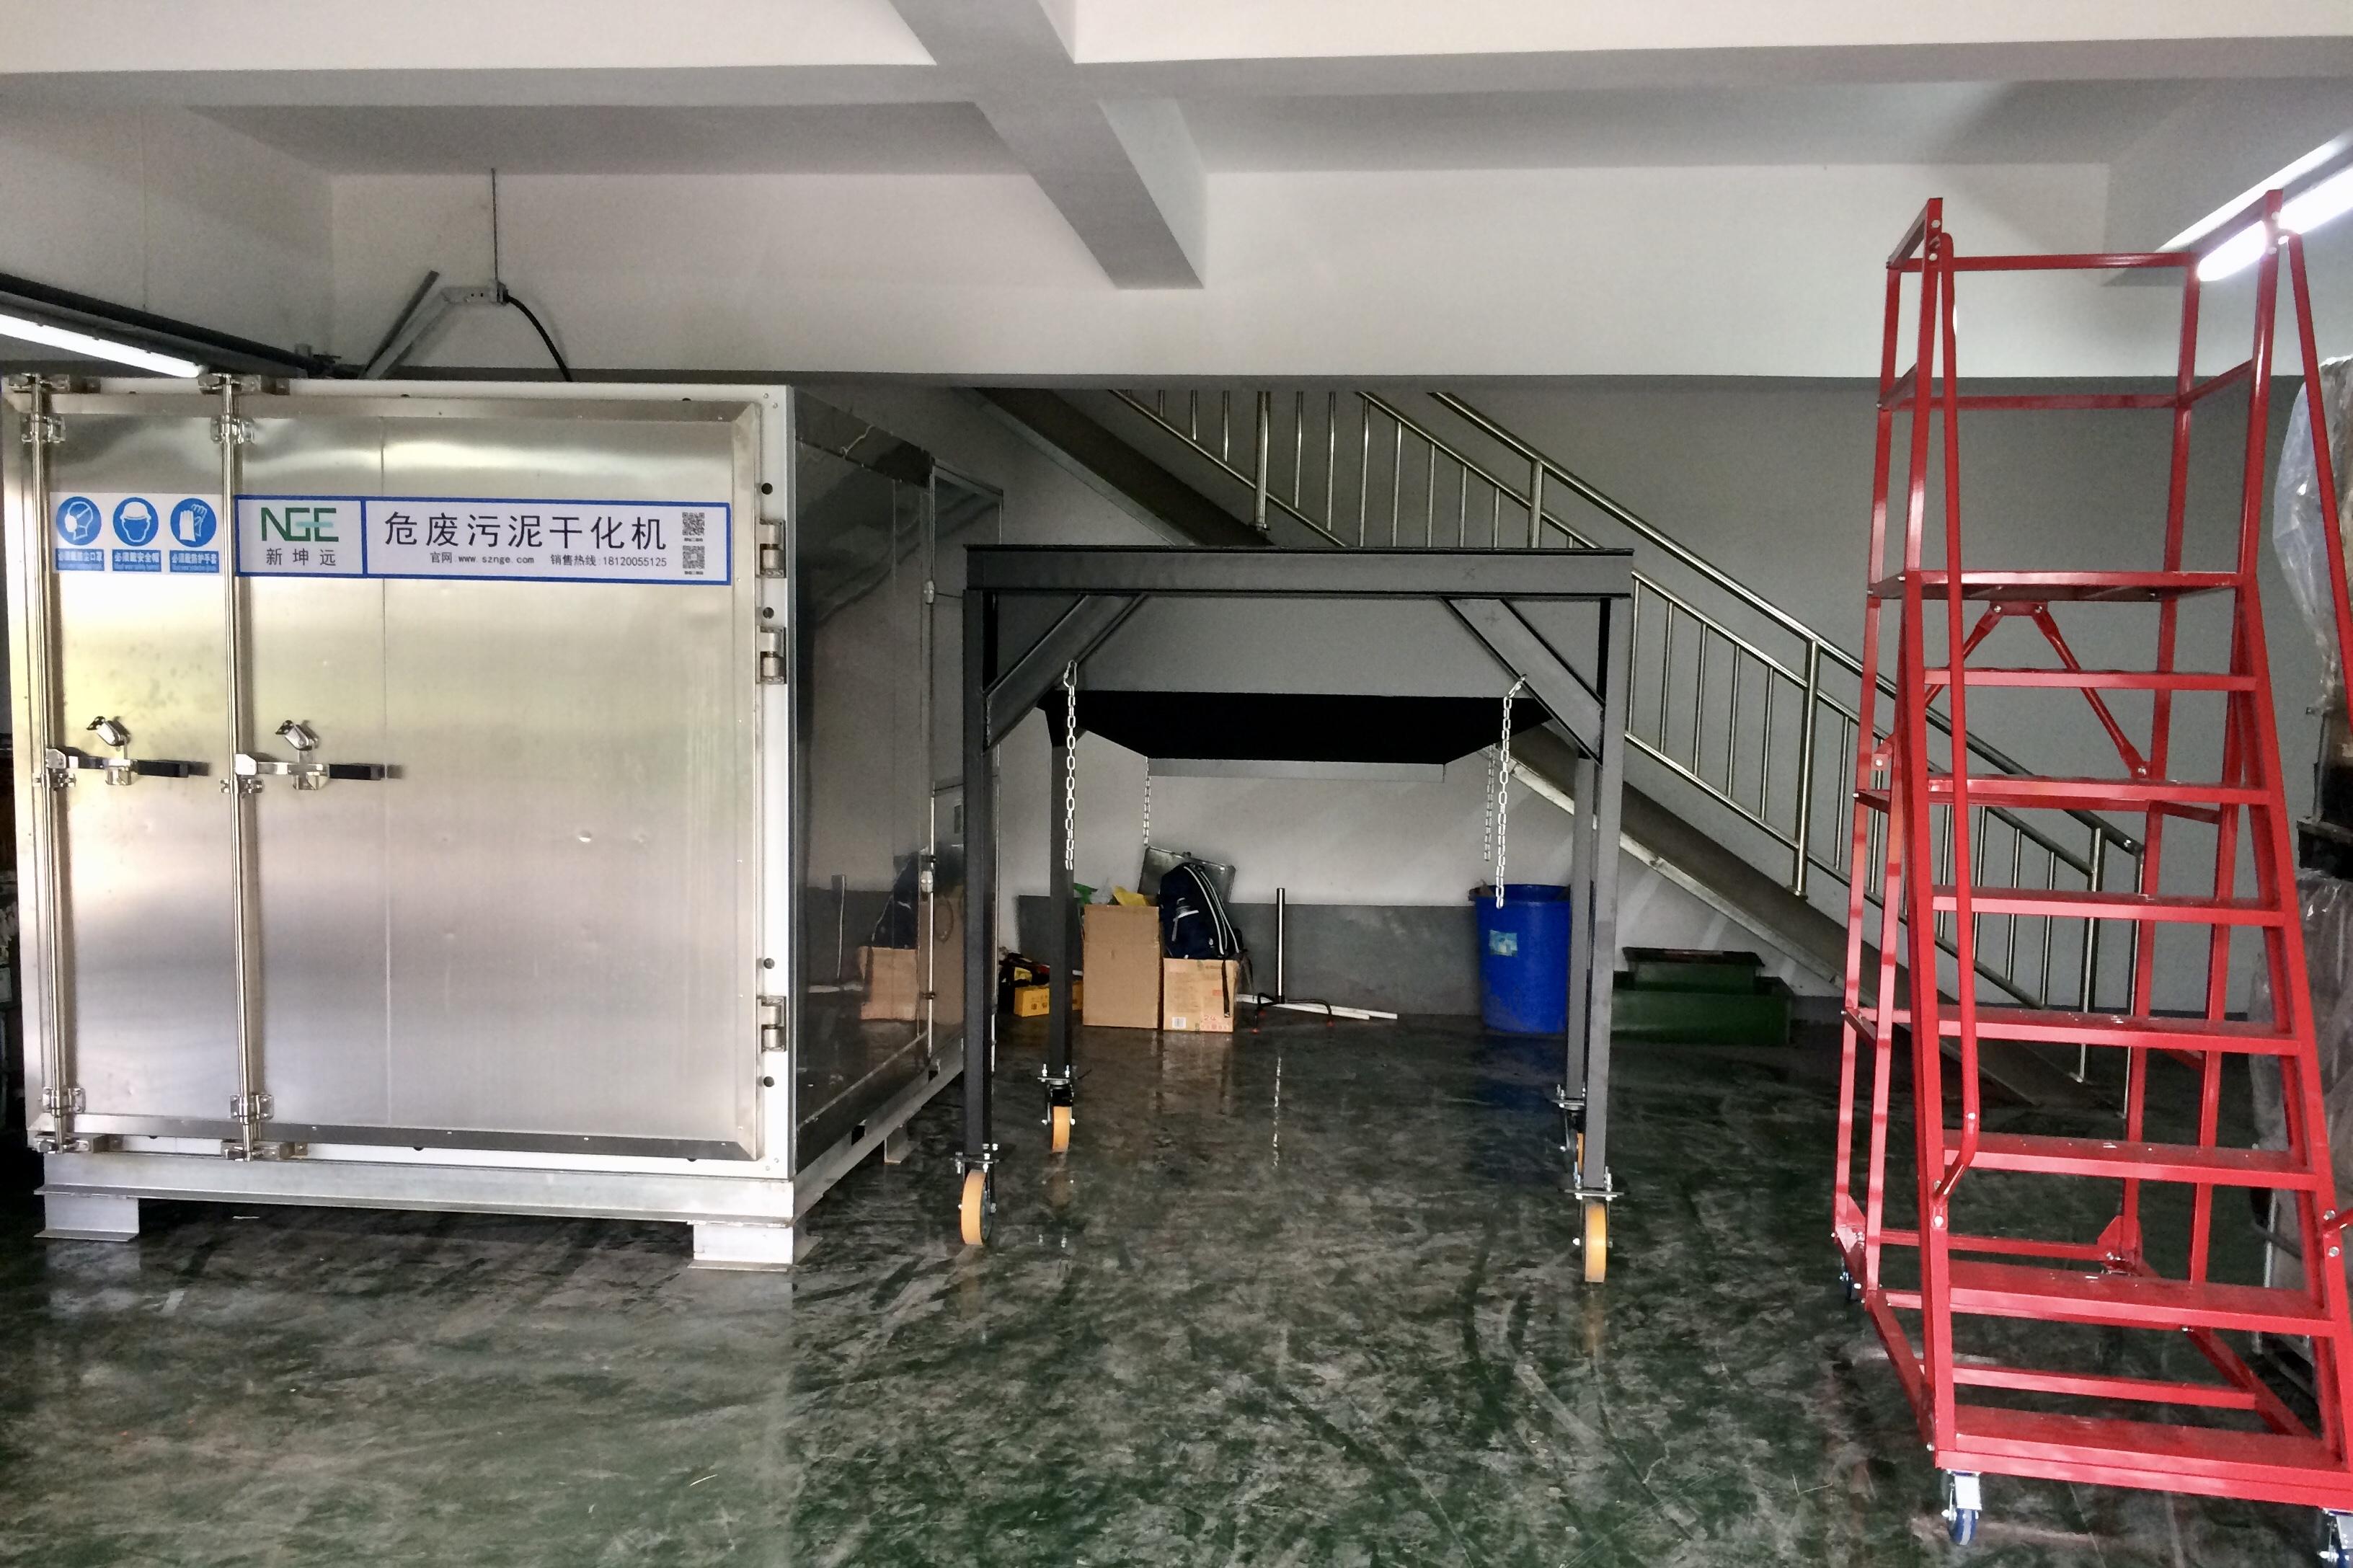 杭州士兰集昕微电子有限公司污泥减量服务案例